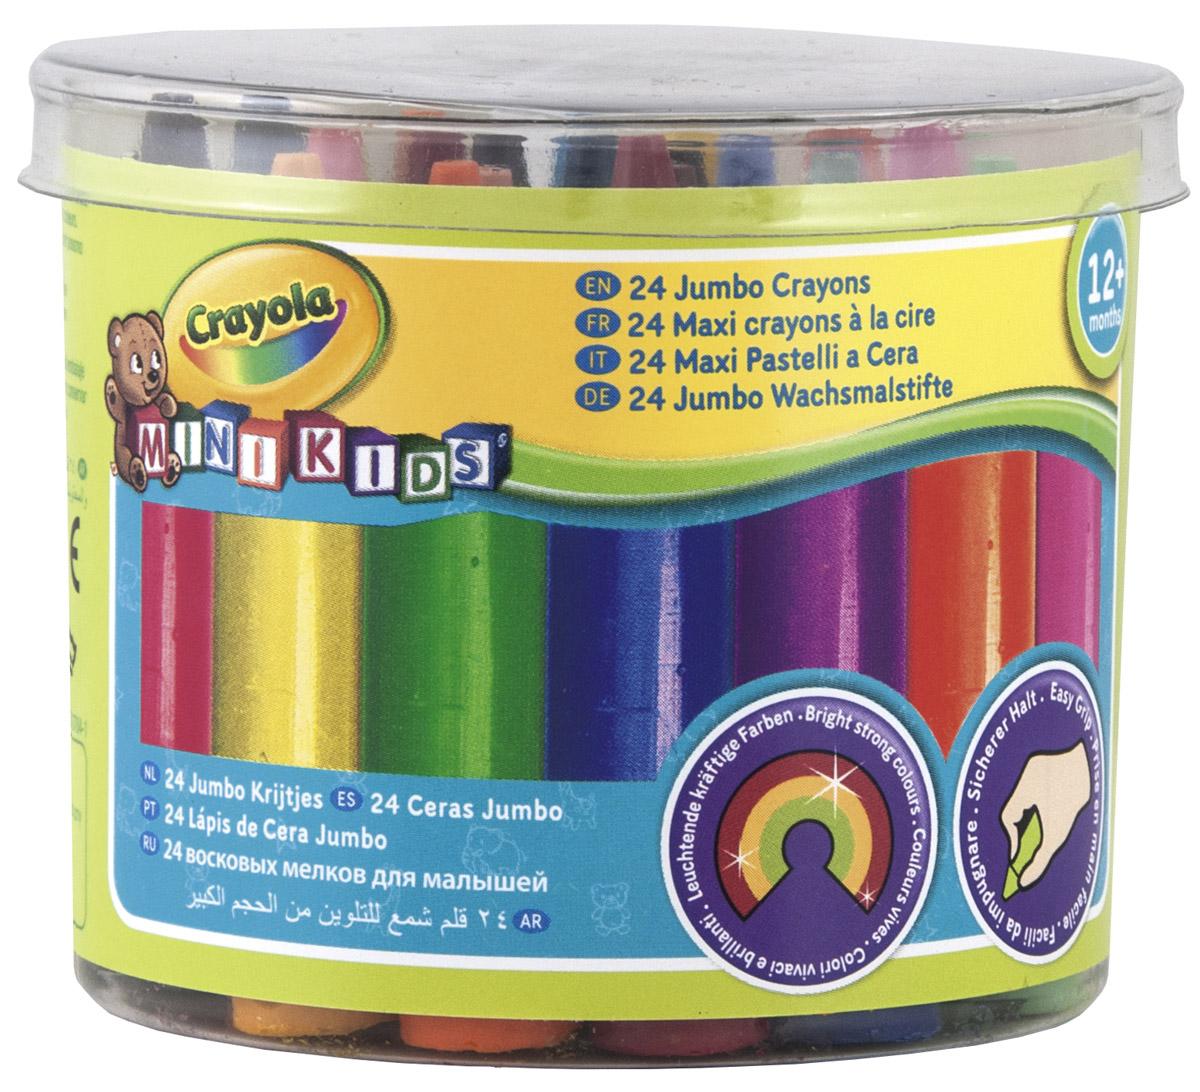 Восковые мелки Crayola Для самых маленьких, 24 цвета0784Восковые мелкиCrayola созданы специально для самых маленьких художников. Мелки обеспечивают удивительно мягкое письмо, не ломаются, обладают отличными кроющими свойствами и легко отмываютсяс одежды или мебели с помощью теплой воды и мыла. Круглый утолщенный корпус особенно удобен для маленьких детских ручек. В изготовлении мелков использовались абсолютно безопасные натуральные материалы.Восковые мелкиCrayola помогают малышам отлично развить мелкую моторику ручек, координацию движений, воображение и творческое мышления, стимулируют цветовое восприятие, а также способствуют самовыражению.Набор содержит мелки 24 ярких насыщенных цветов и оттенков, упакованных в удобную прозрачную пластиковую баночку с крышкой. Характеристики:Диаметр мелка: 1,4 см. Длина мелка: 6,7 см. Рекомендуемый возраст: от 12 месяцев. Размер упаковки: 7,5 см х 9 см х 9 см. Изготовитель: Мексика.Уважаемые клиенты! Обращаем ваше внимание на то, что упаковка может иметь несколько видов дизайна. Поставка осуществляется в зависимости от наличия на складе.